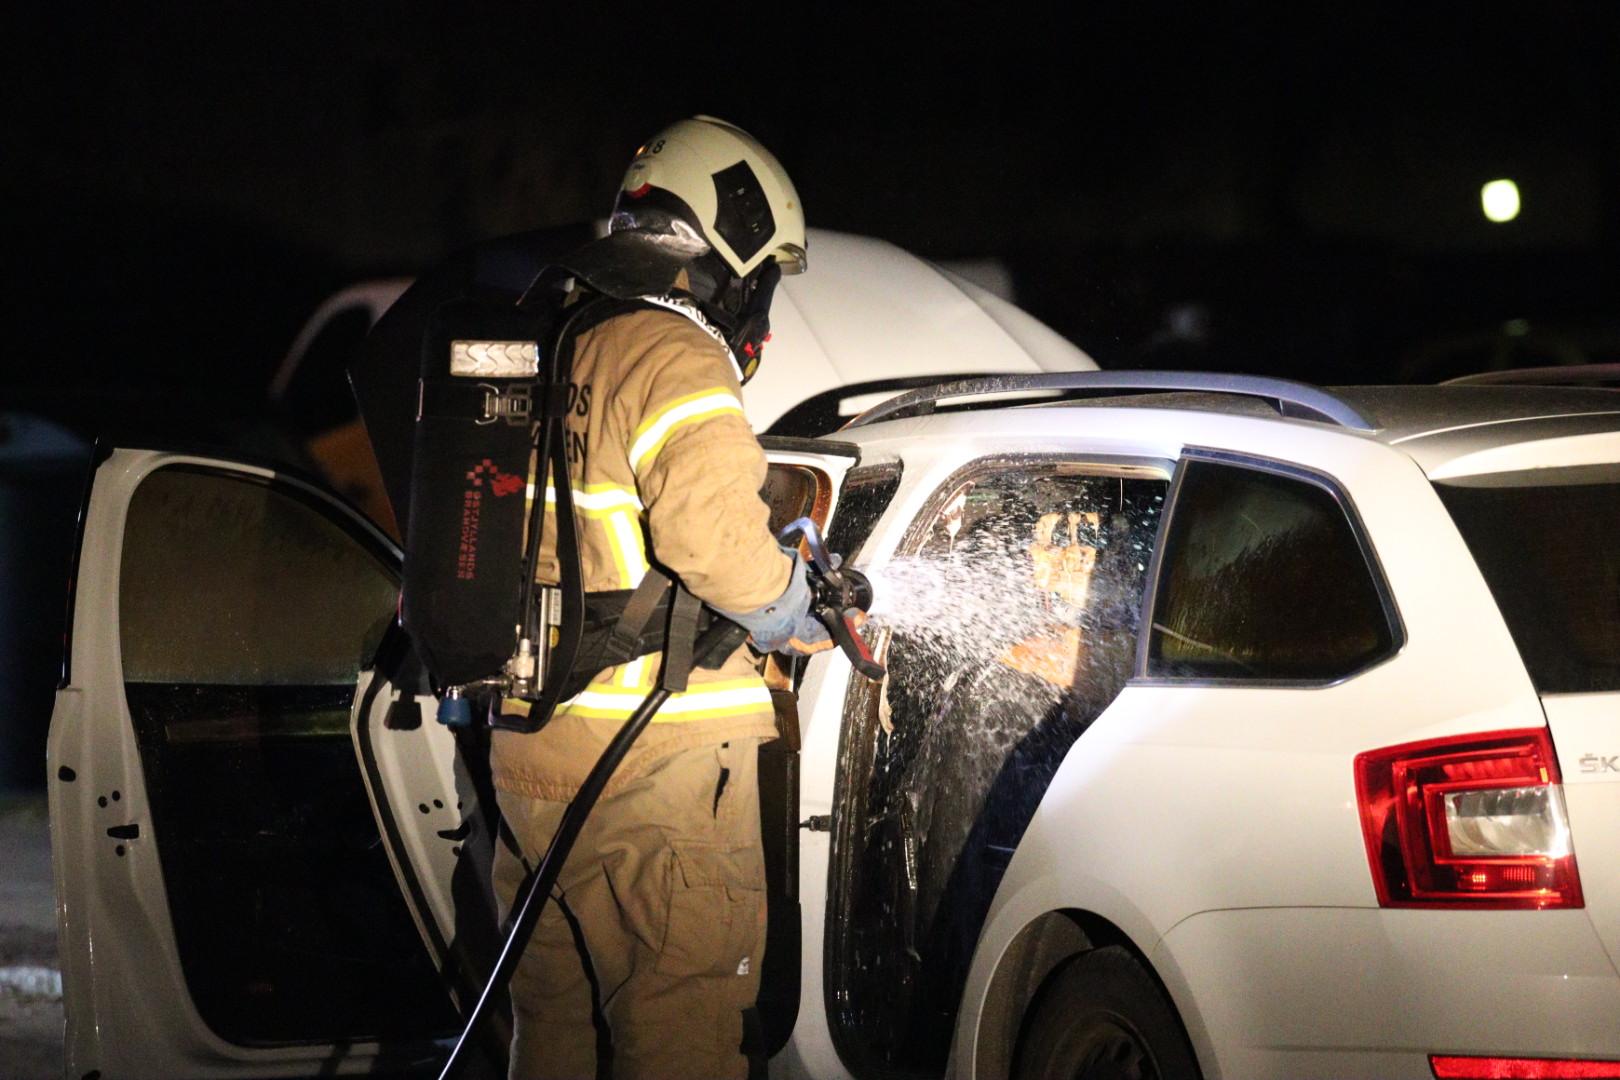 Bil i brand - Politiet mistænkte branden var påsat